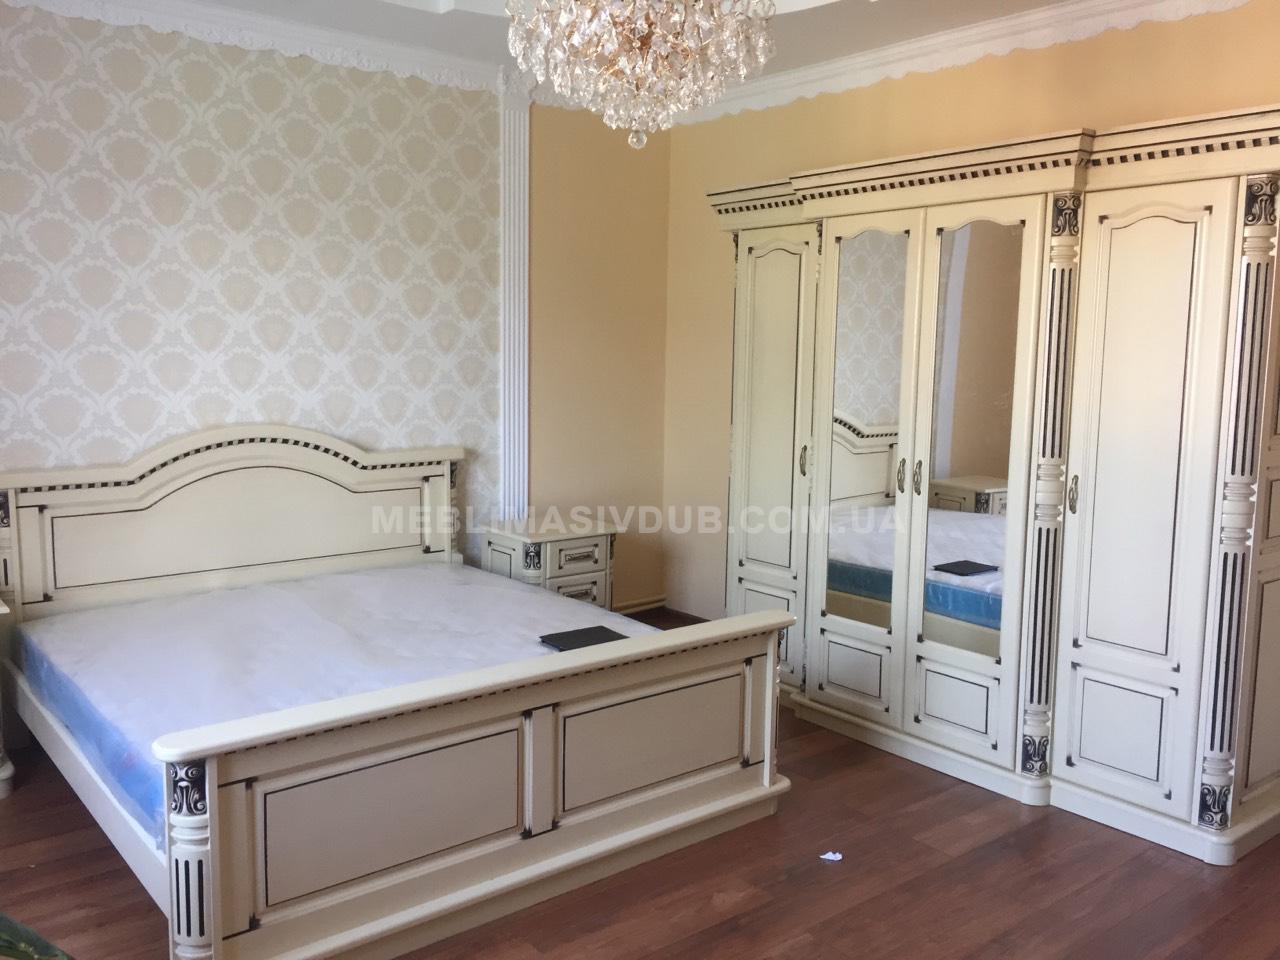 Спальня з дерева Івано-Франківськ ~ Меблі з масиву дуба de7c09ecd7675